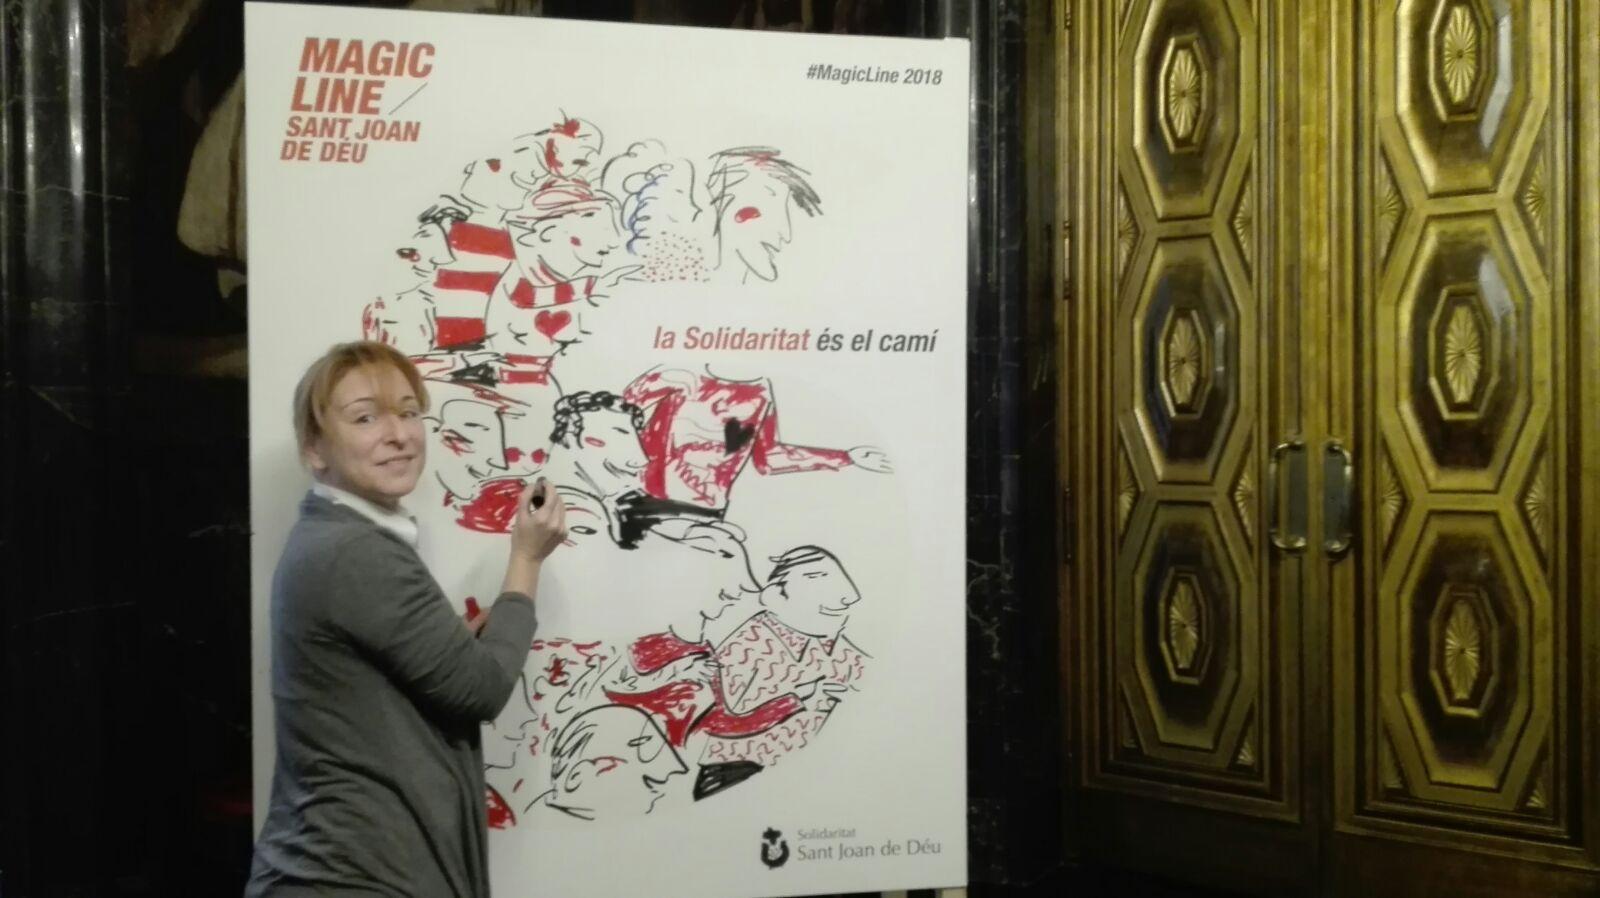 Magic Line 2017